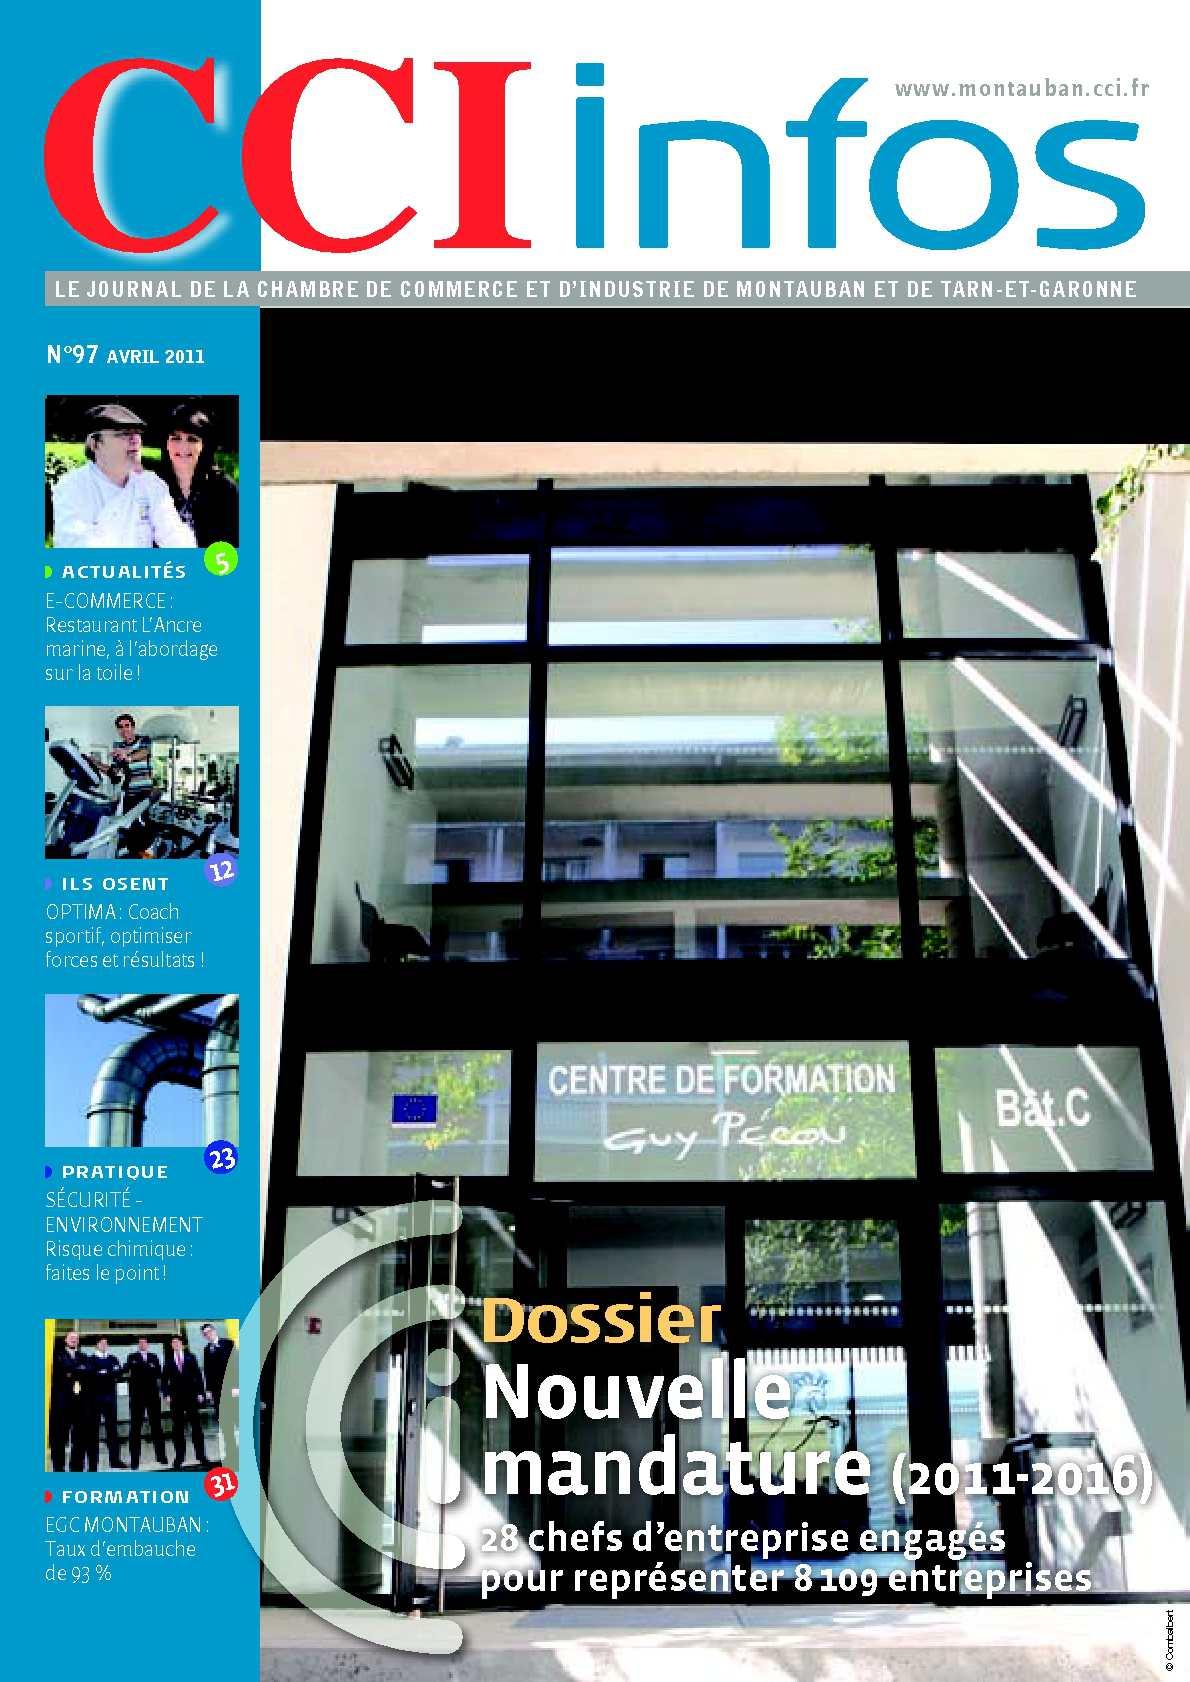 Calam o cci infos avril 2011 for Chambre de commerce montauban